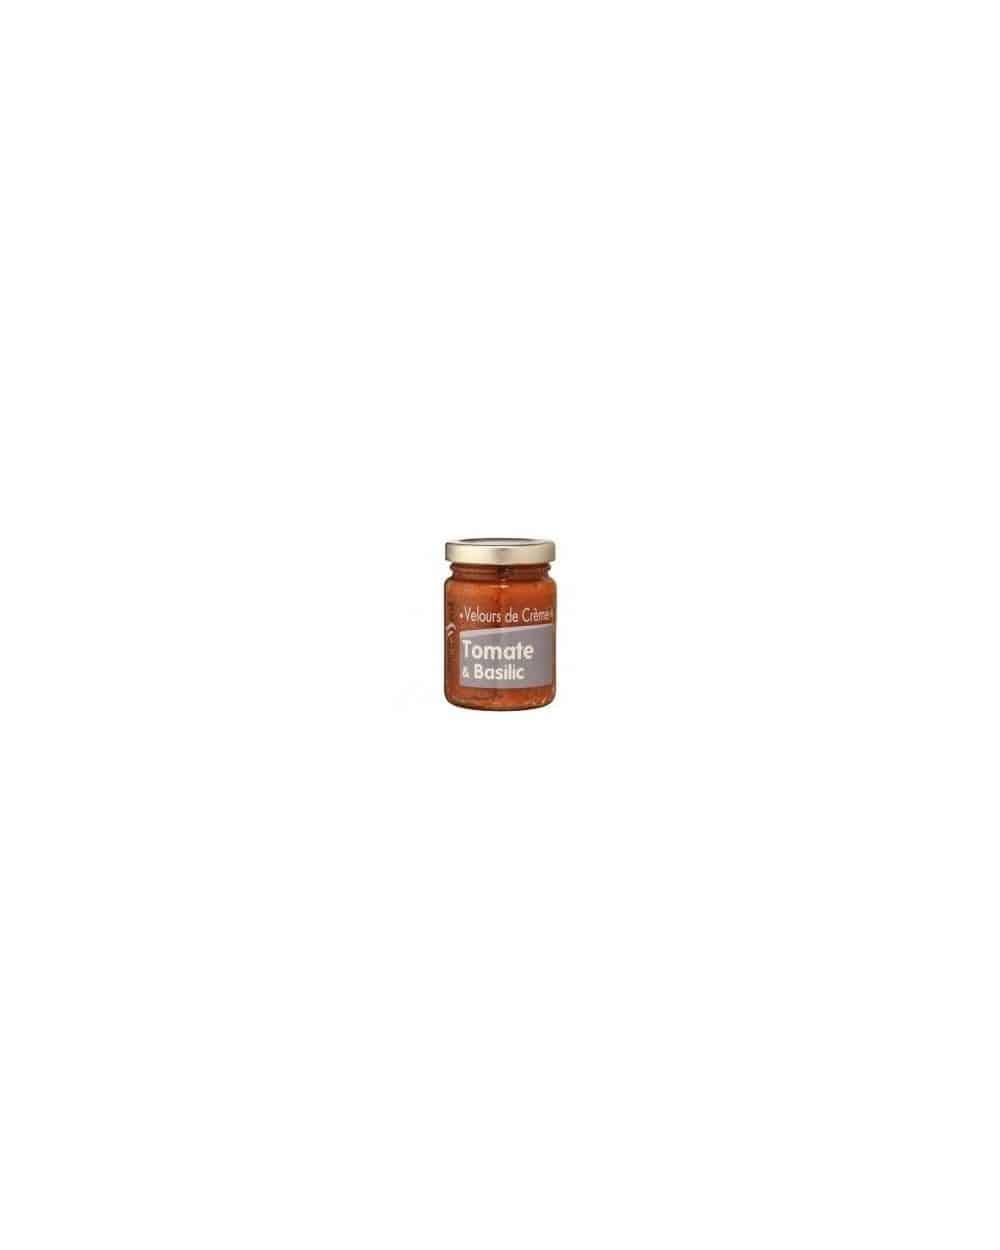 Velours de crème tomate et basilic 95g